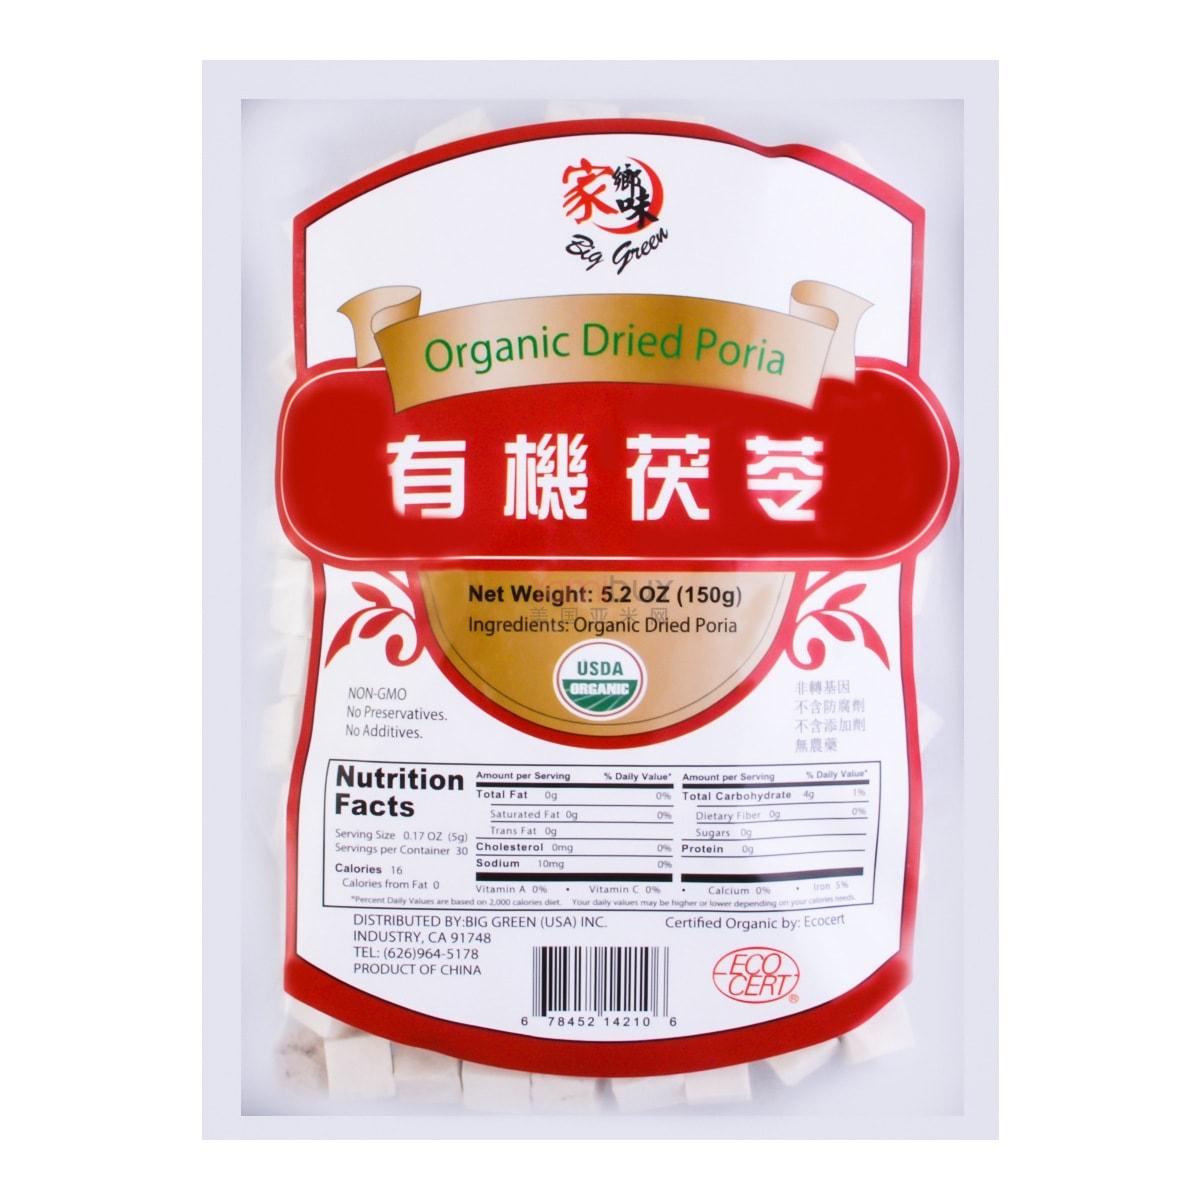 家乡味 有机茯苓 150g USDA认证